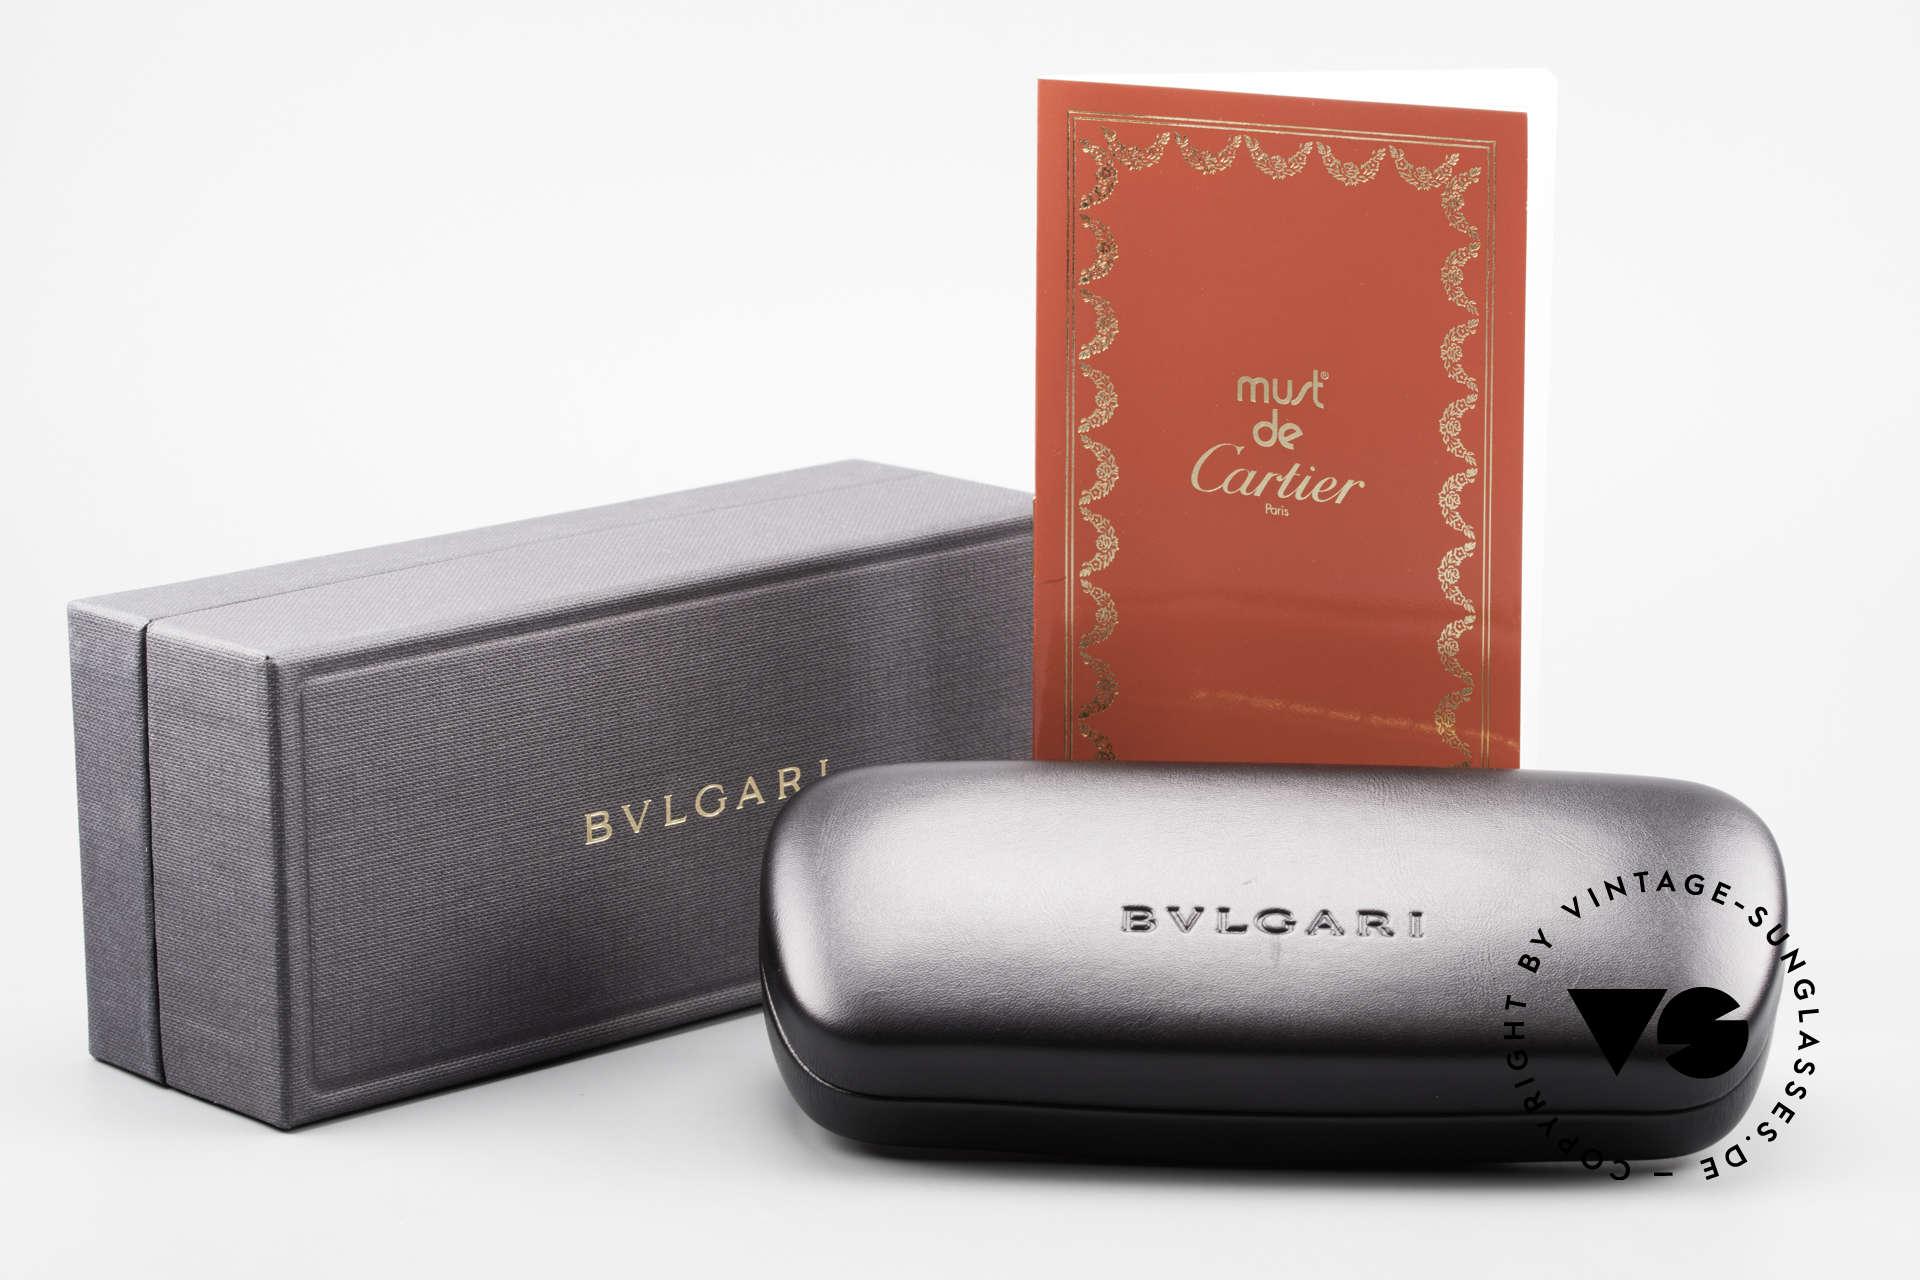 Cartier Panthere G.M. - XL Gelbe Gläser Mit Bvlgari Etui, Größe: large, Passend für Herren und Damen